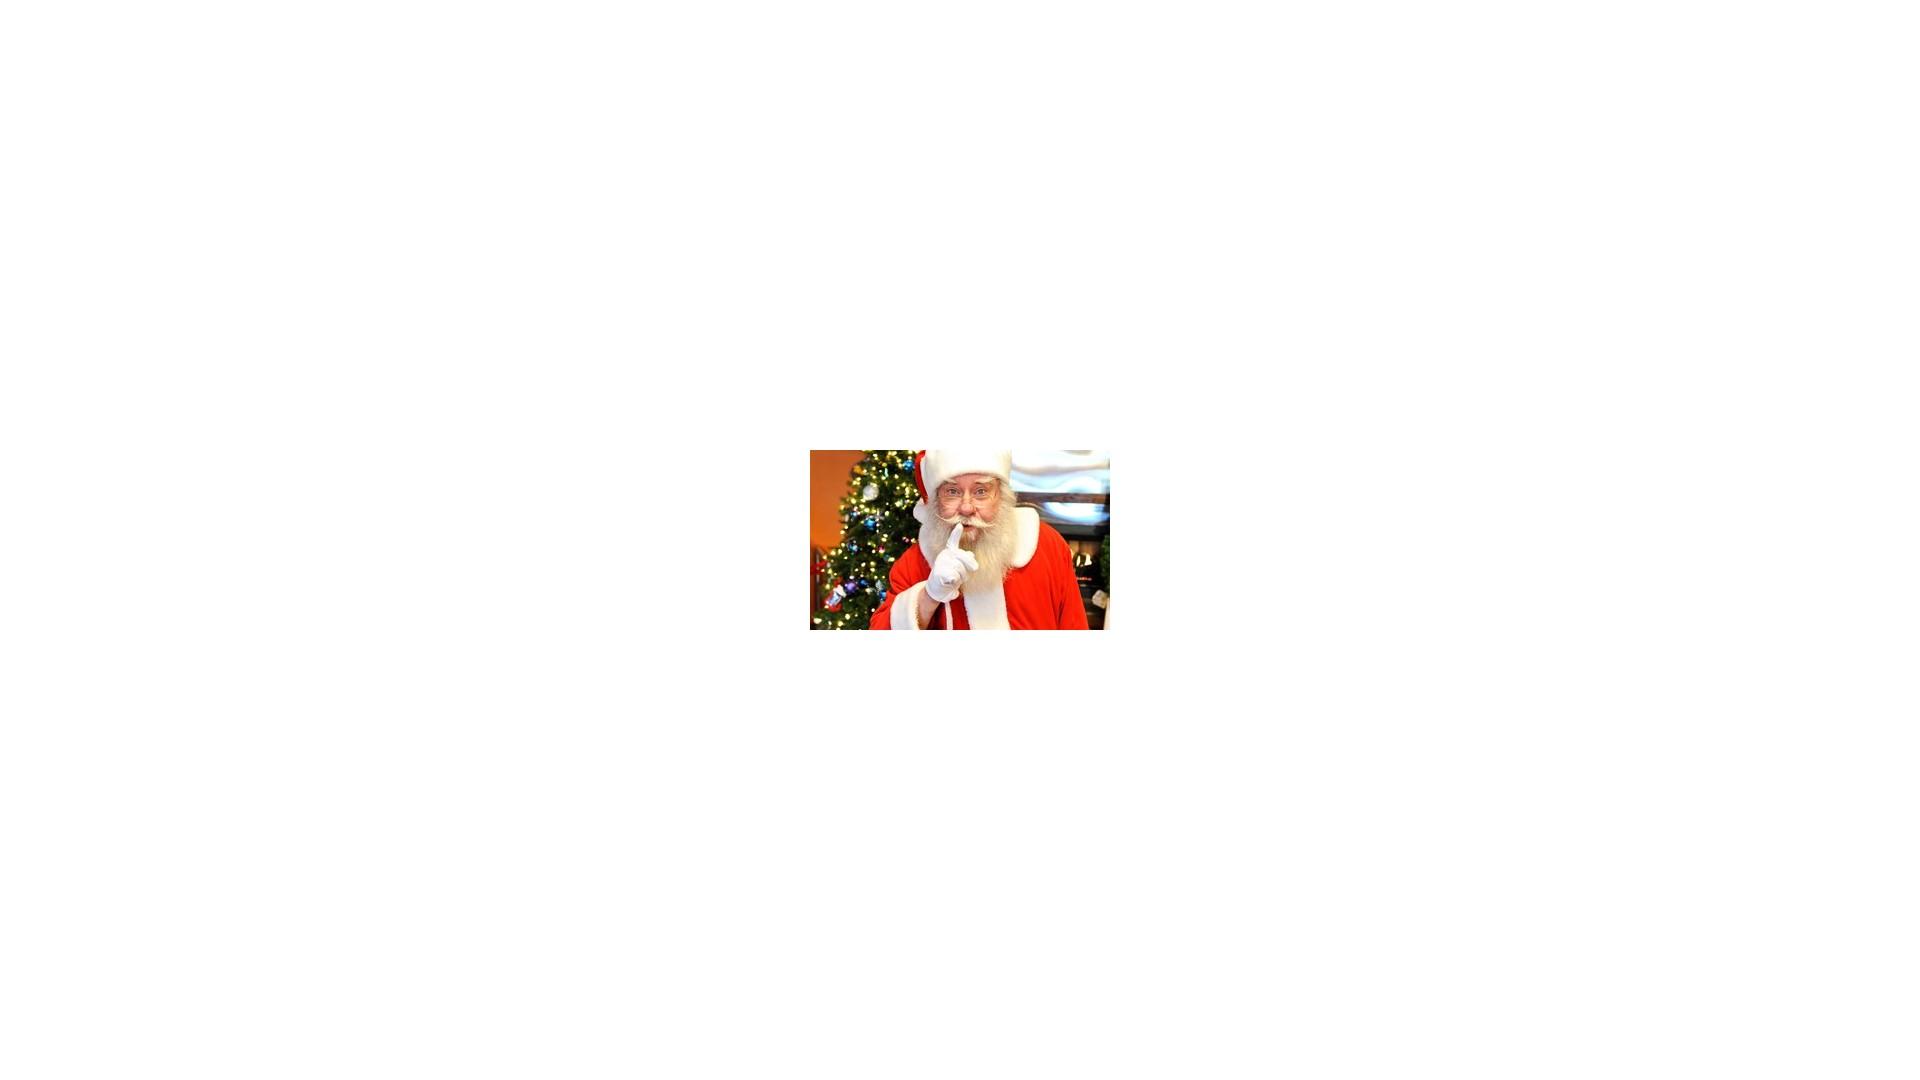 Święta i specjalne okazje   akcesoria i dodatki  - wysyłka w 24h